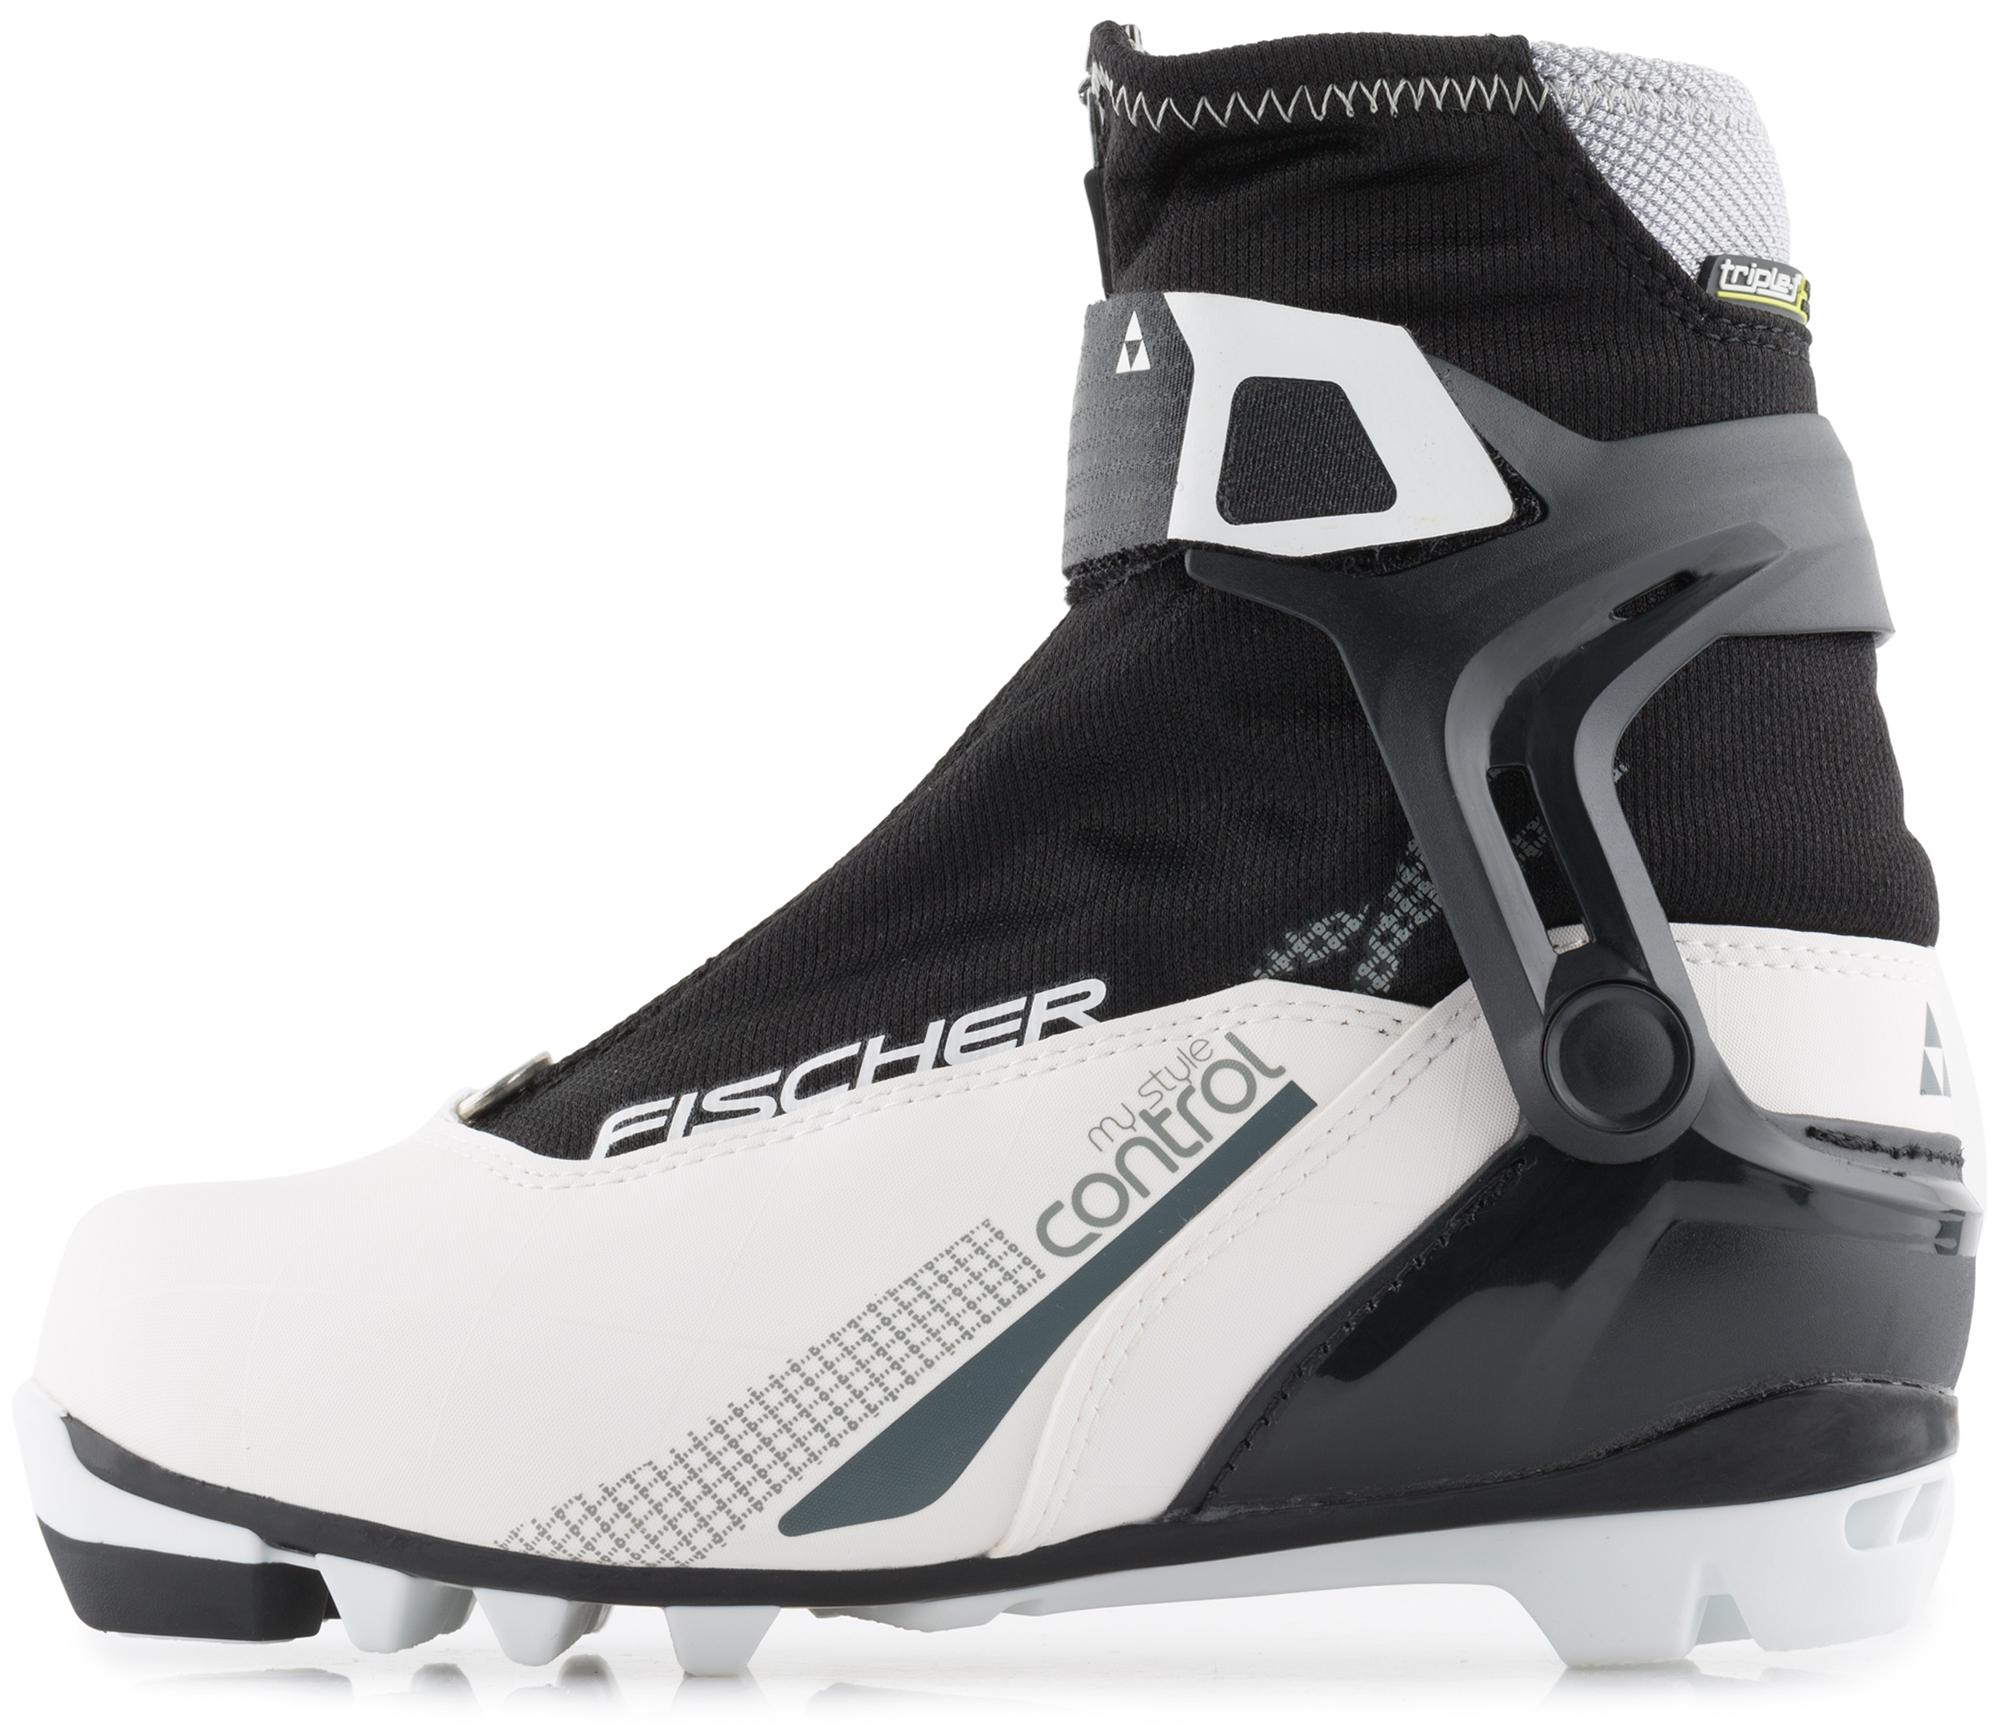 Fischer Ботинки для беговых лыж женские Fischer XC Control My Style fischer my style